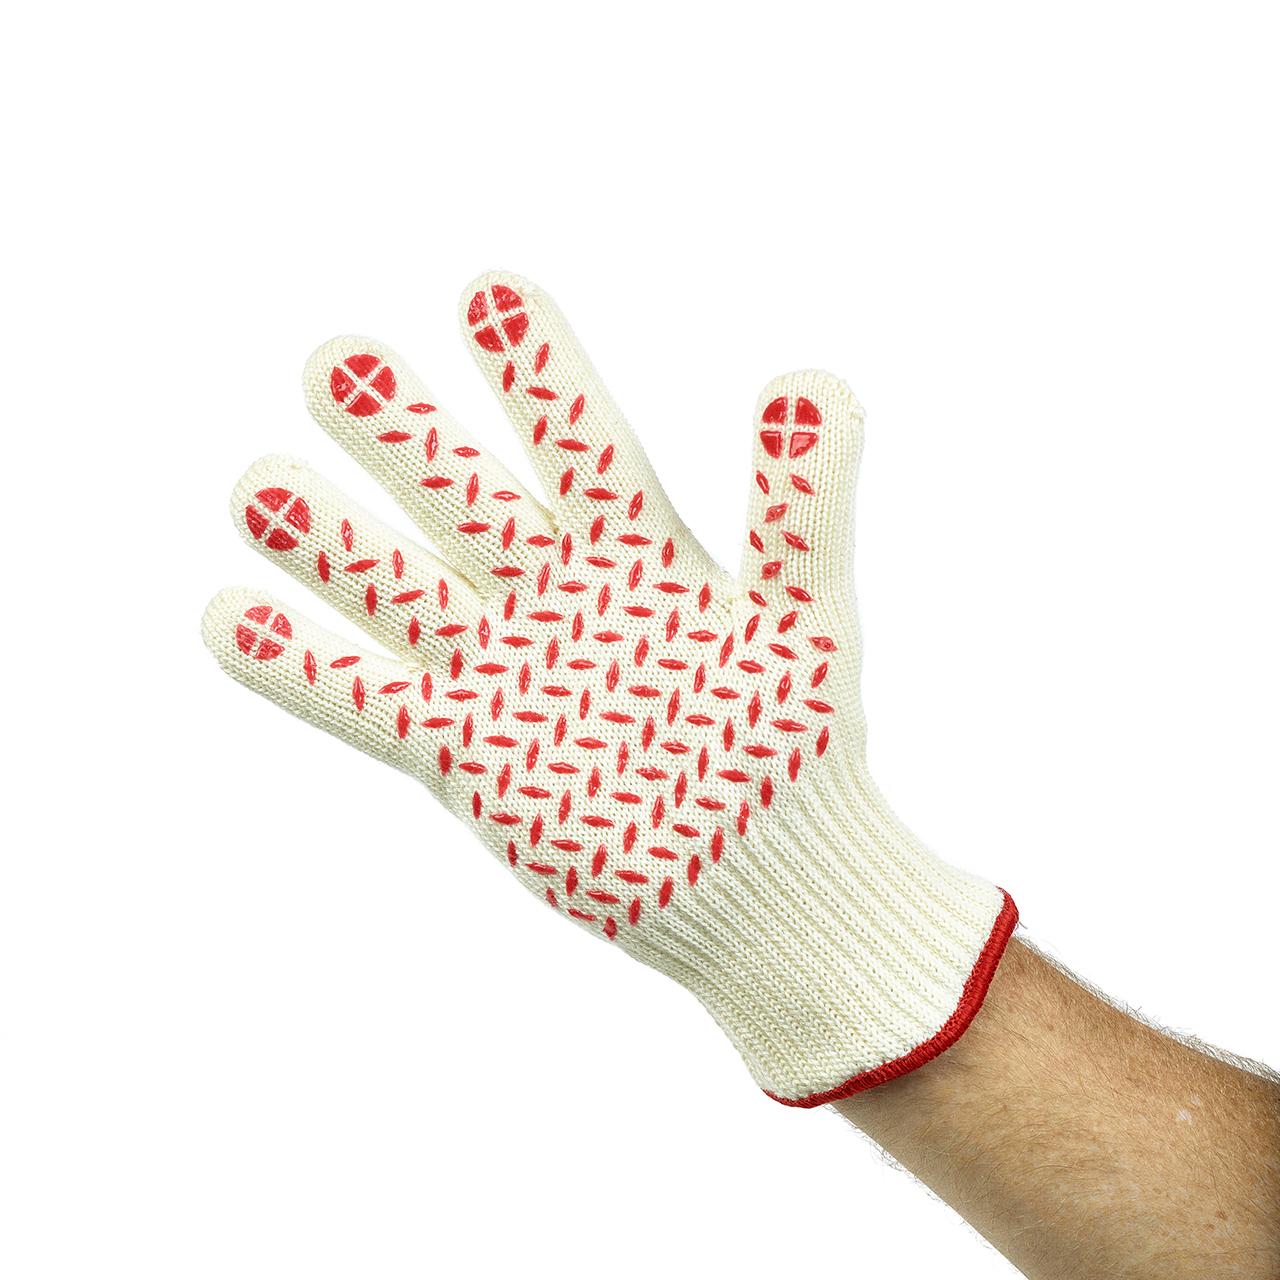 kapoosh-hot-glove-20017.1413491396.1280.1280.jpg